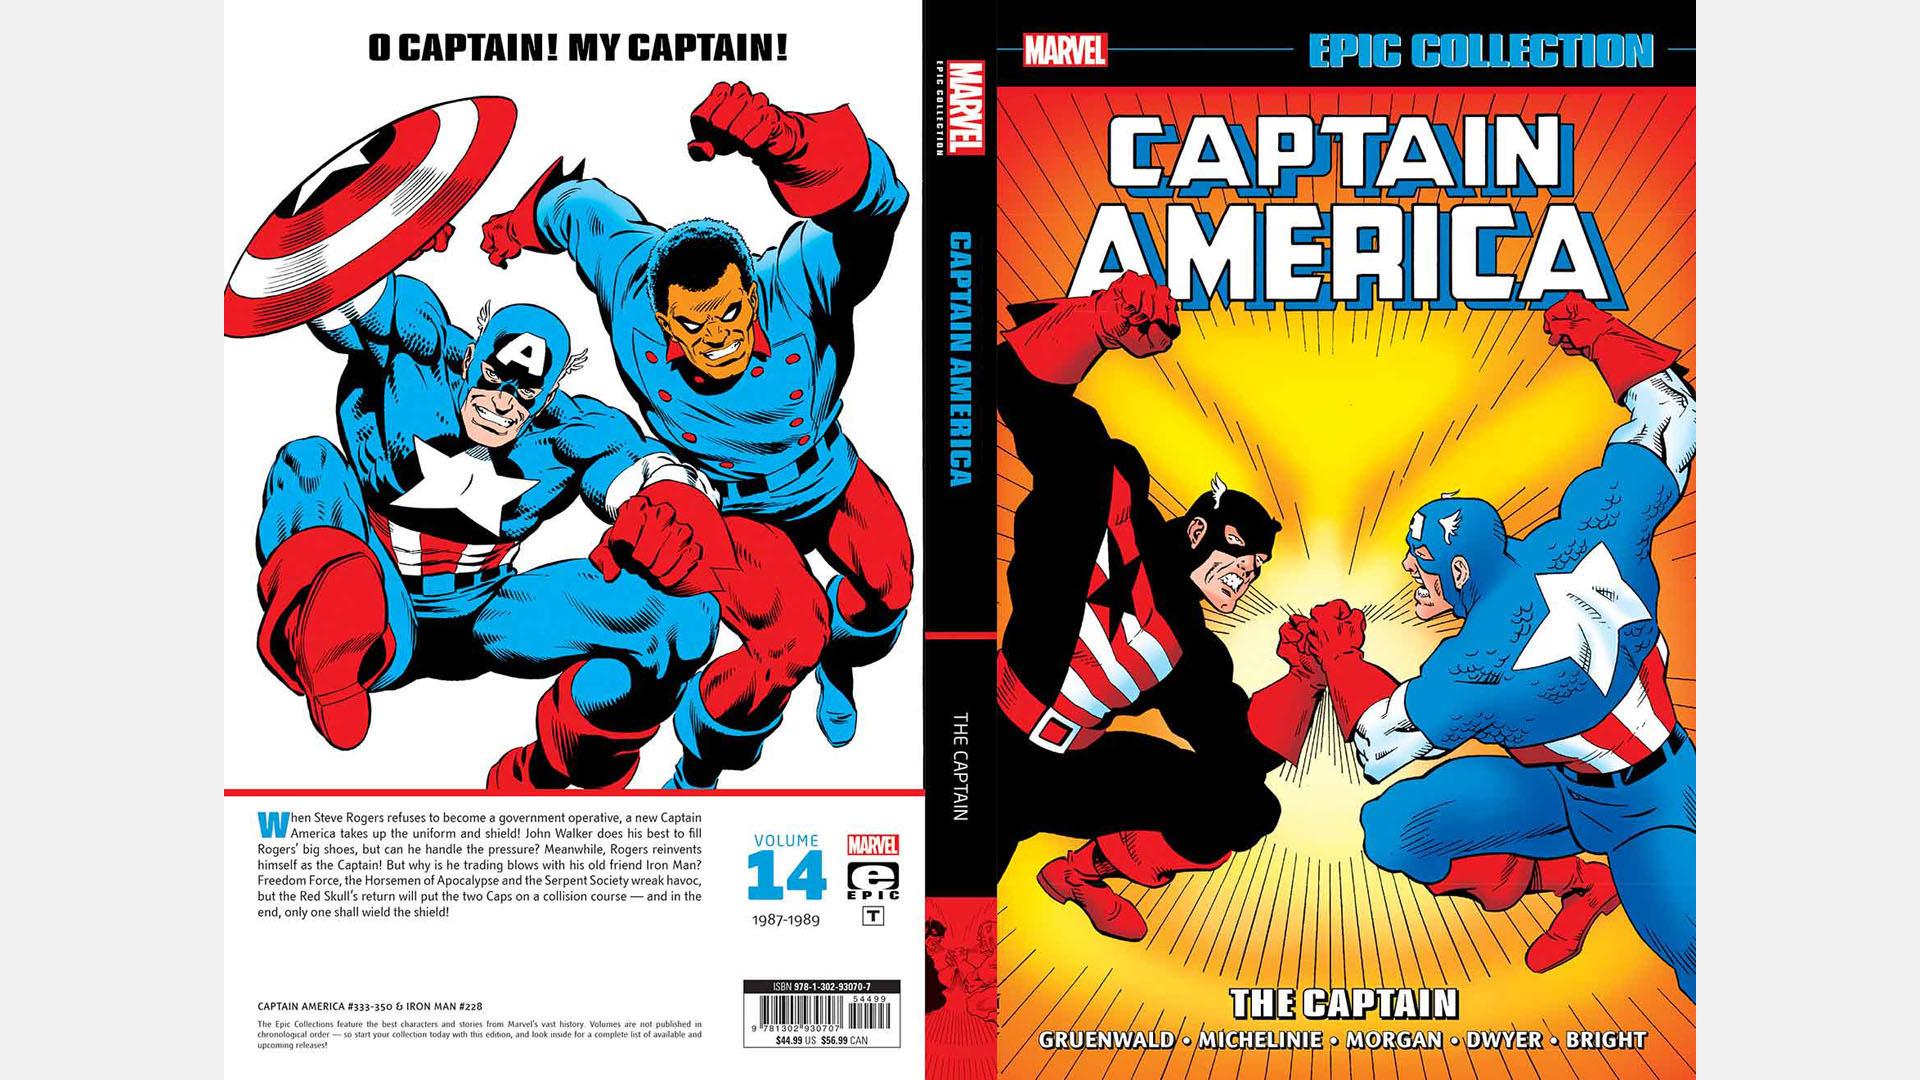 Marvel Comics June 2021 solicitations